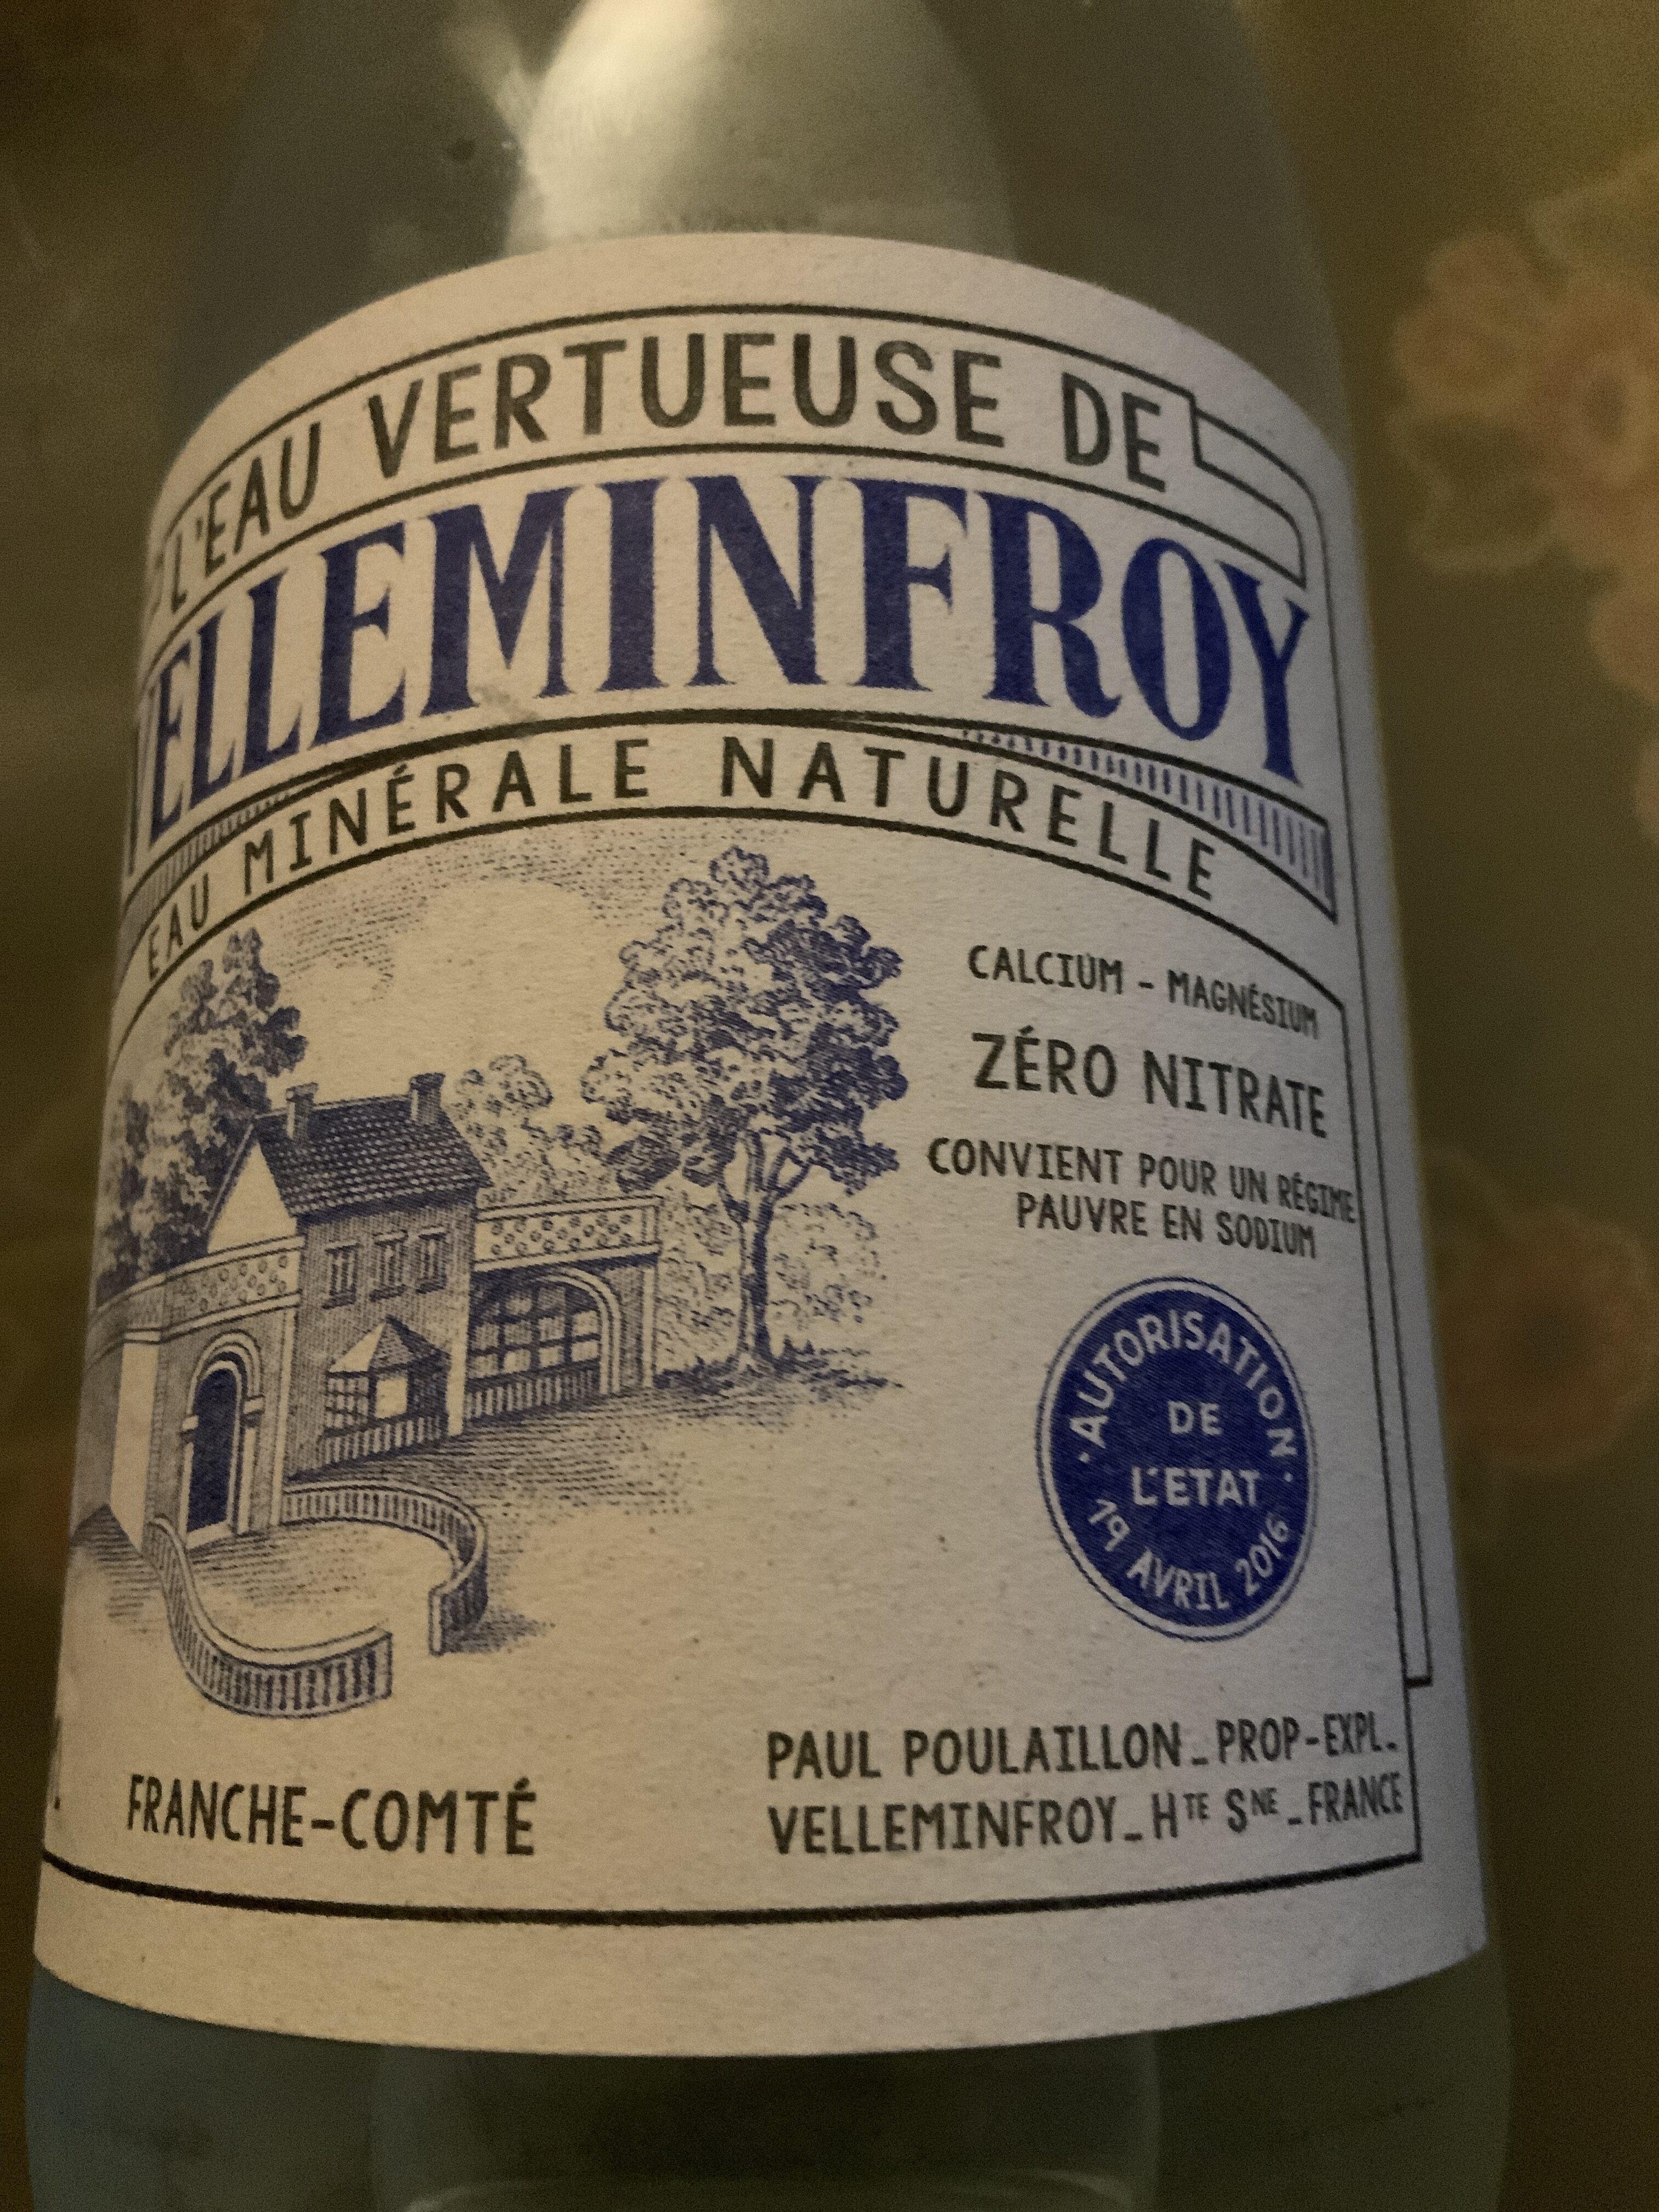 L'eau vertueuse de Vellemfroy - Produkt - fr